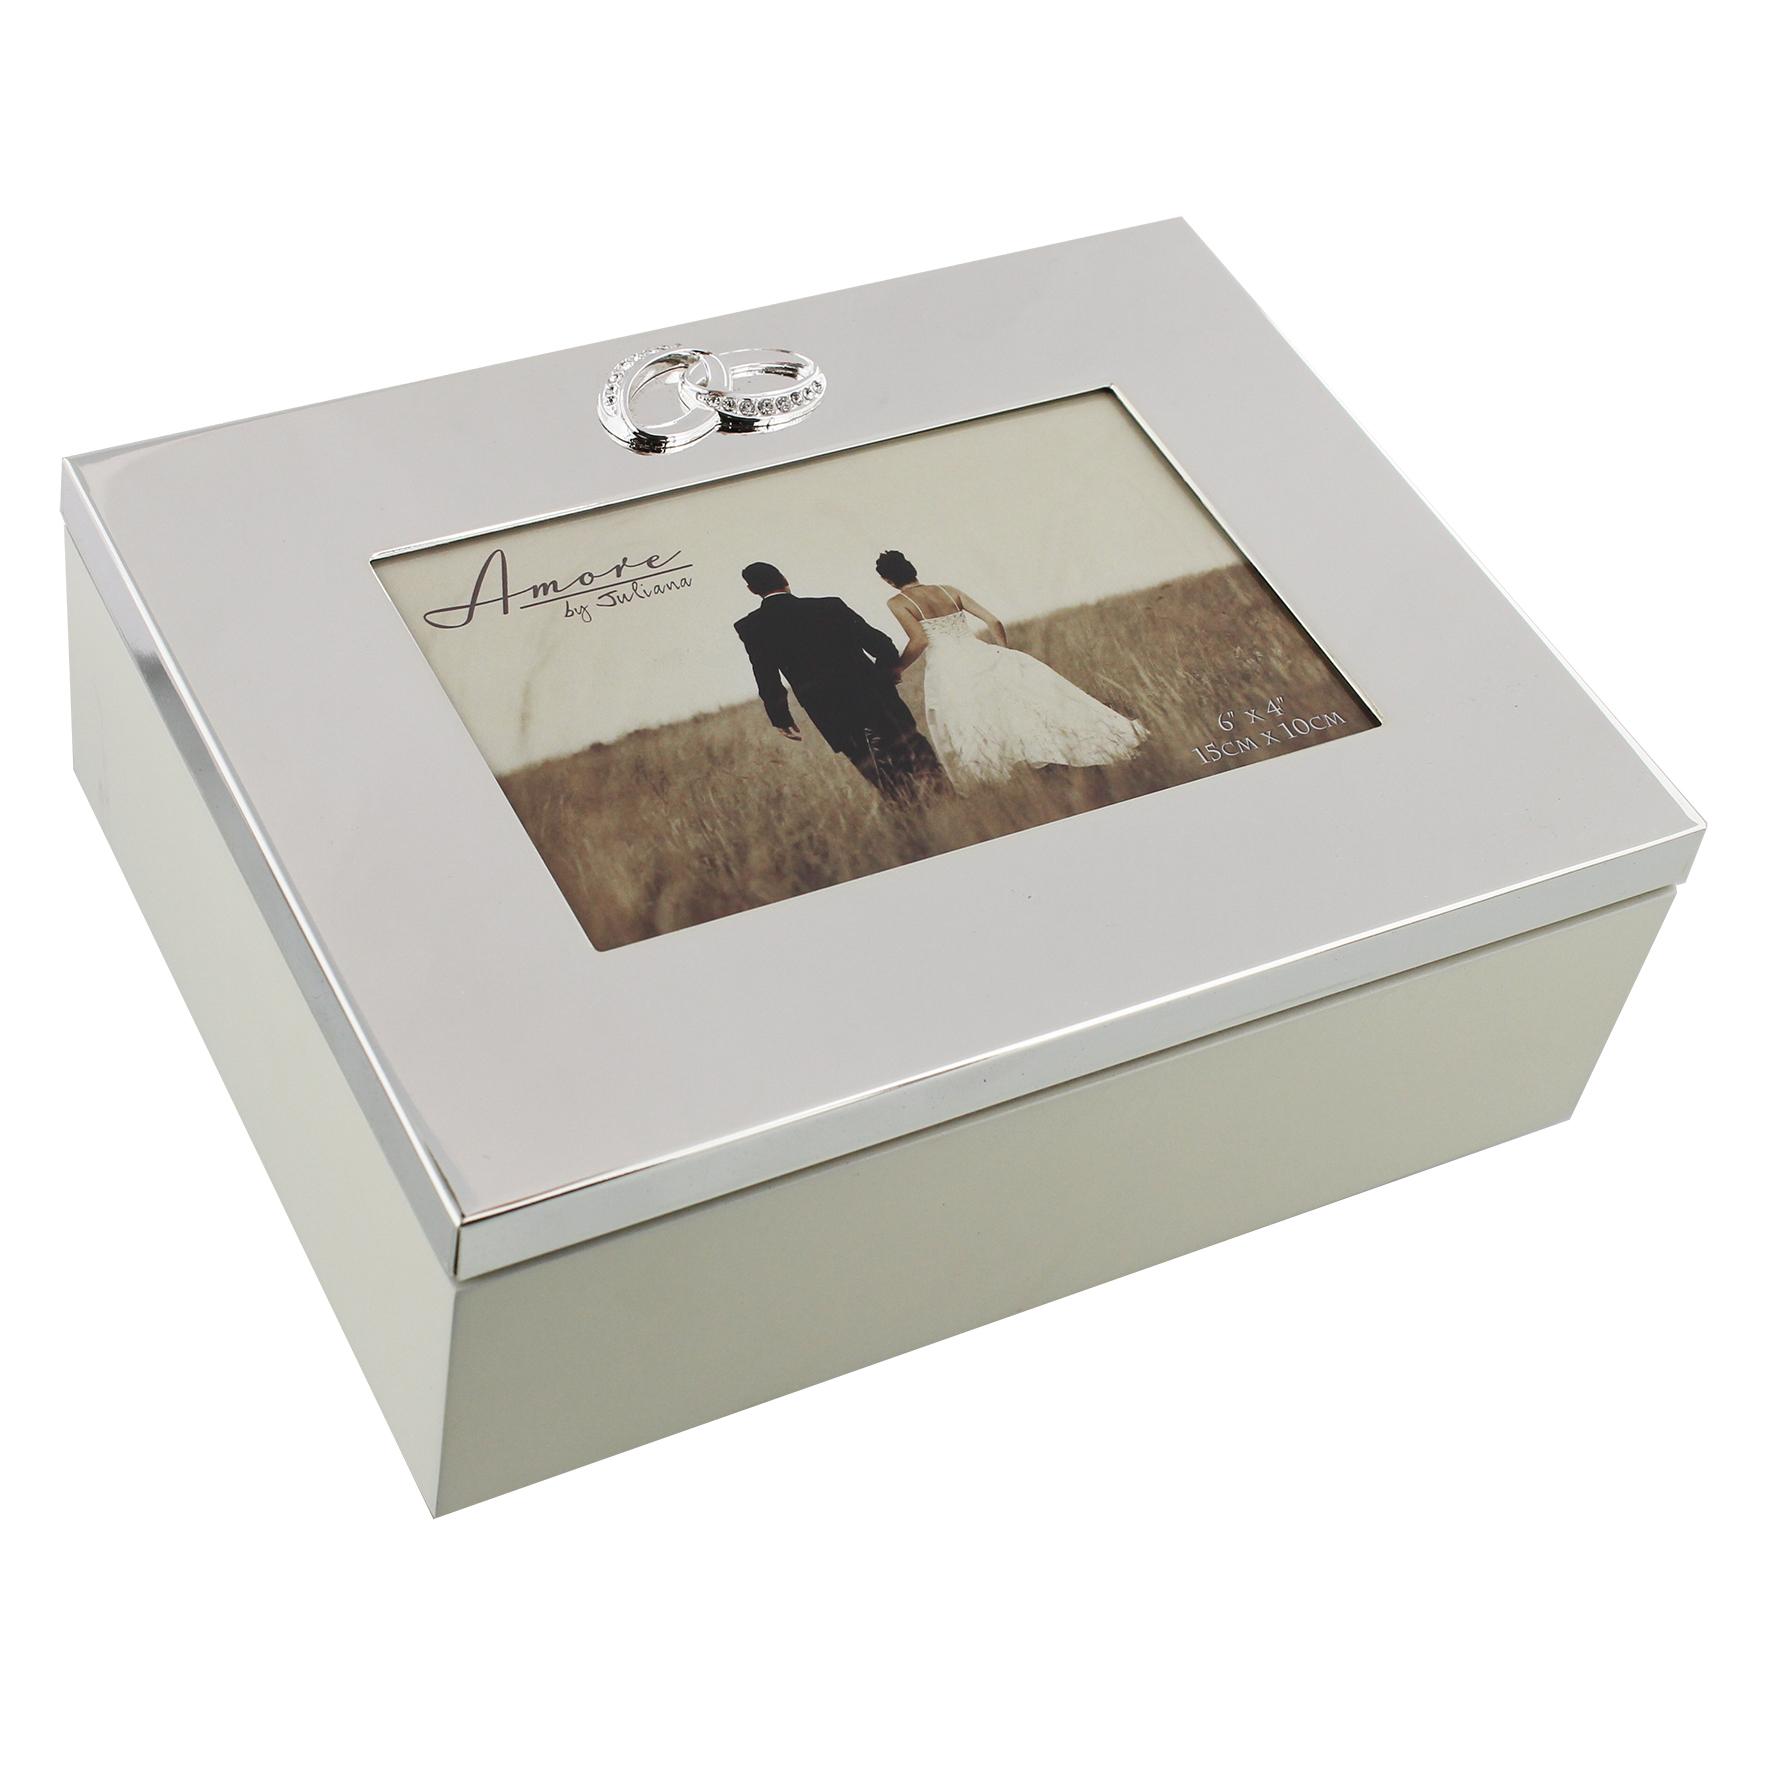 Die wunderschöne Hochzeitsbox mit versilbertem Fotorahmen